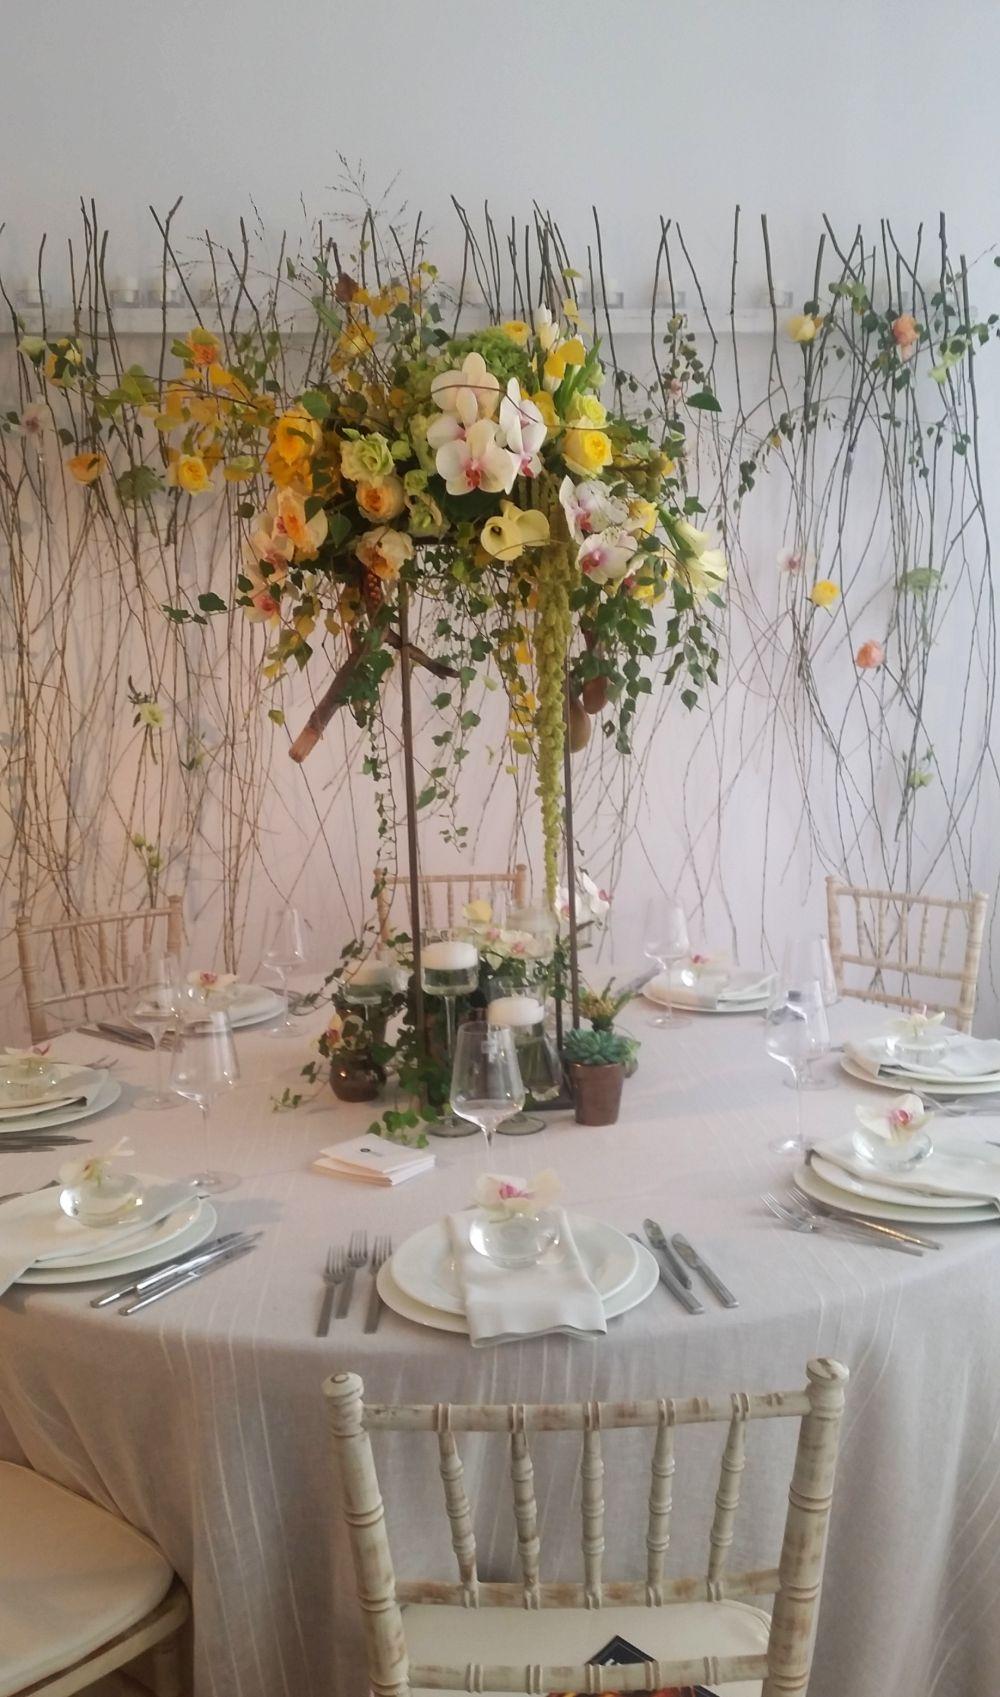 adelaparvu-com-despre-the-wedding-gallery-2016-floraria-iris-design-nicu-bocancea-50